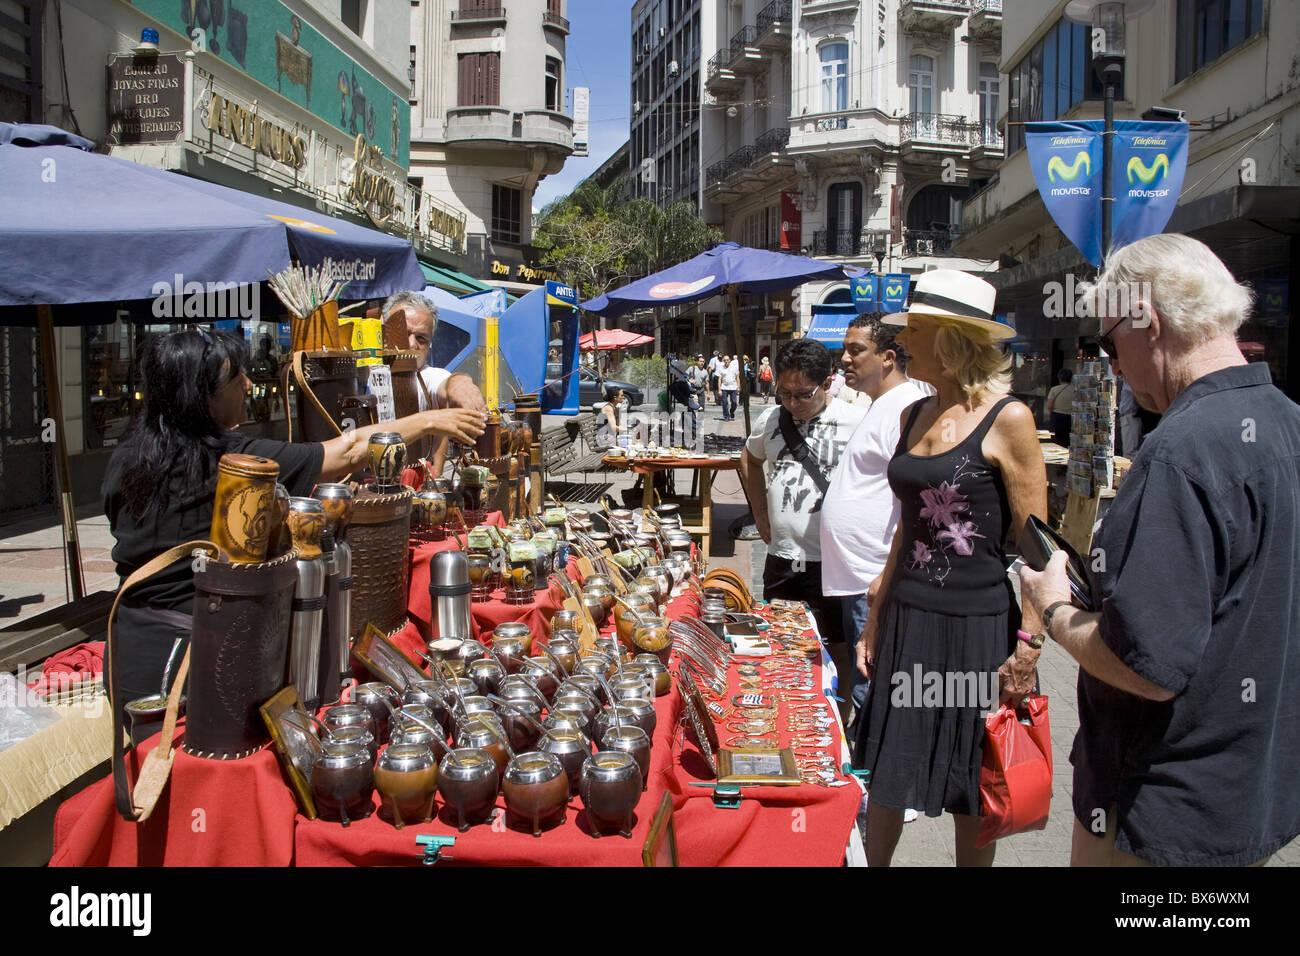 La vente de tasses Mate sur Sarandi Rue dans le vieux centre-ville, Montevideo, Uruguay, Amérique du Sud Photo Stock